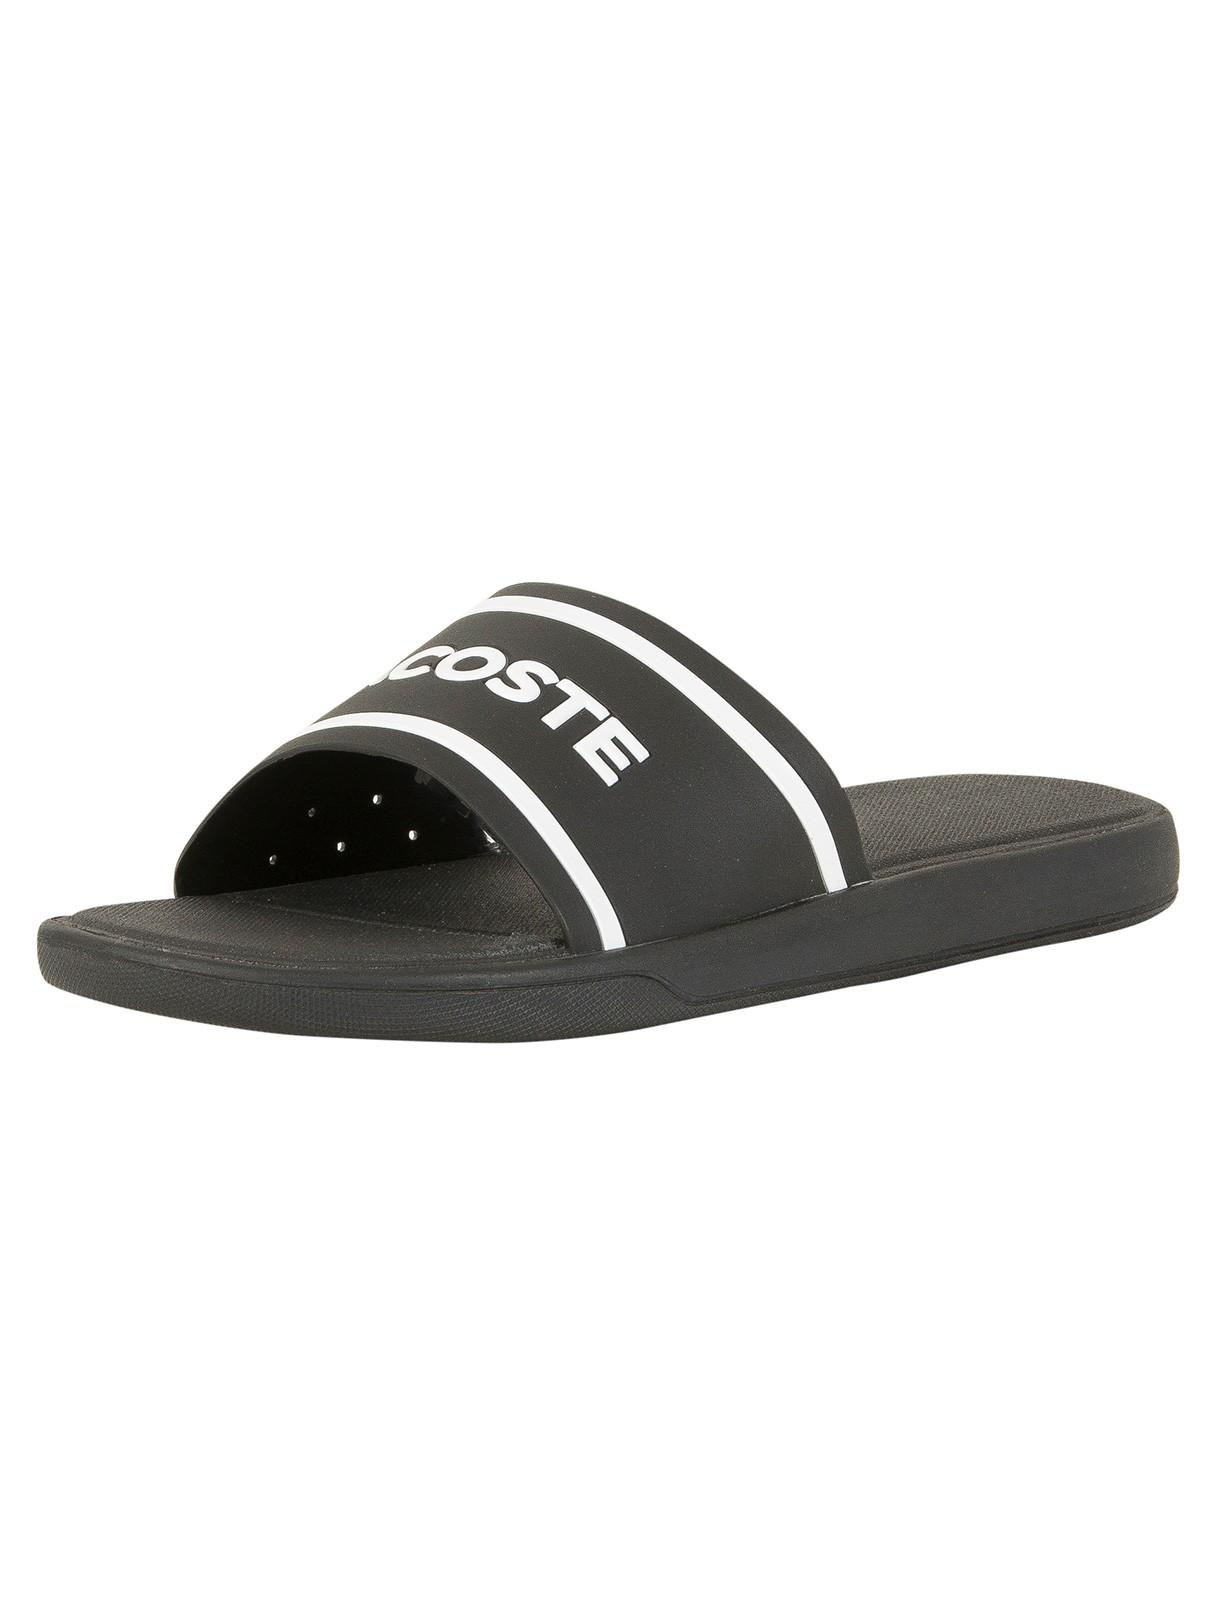 dfc87a300b4b2 Lacoste Black White L.30 Slide 118 3 CAM Flip Flops